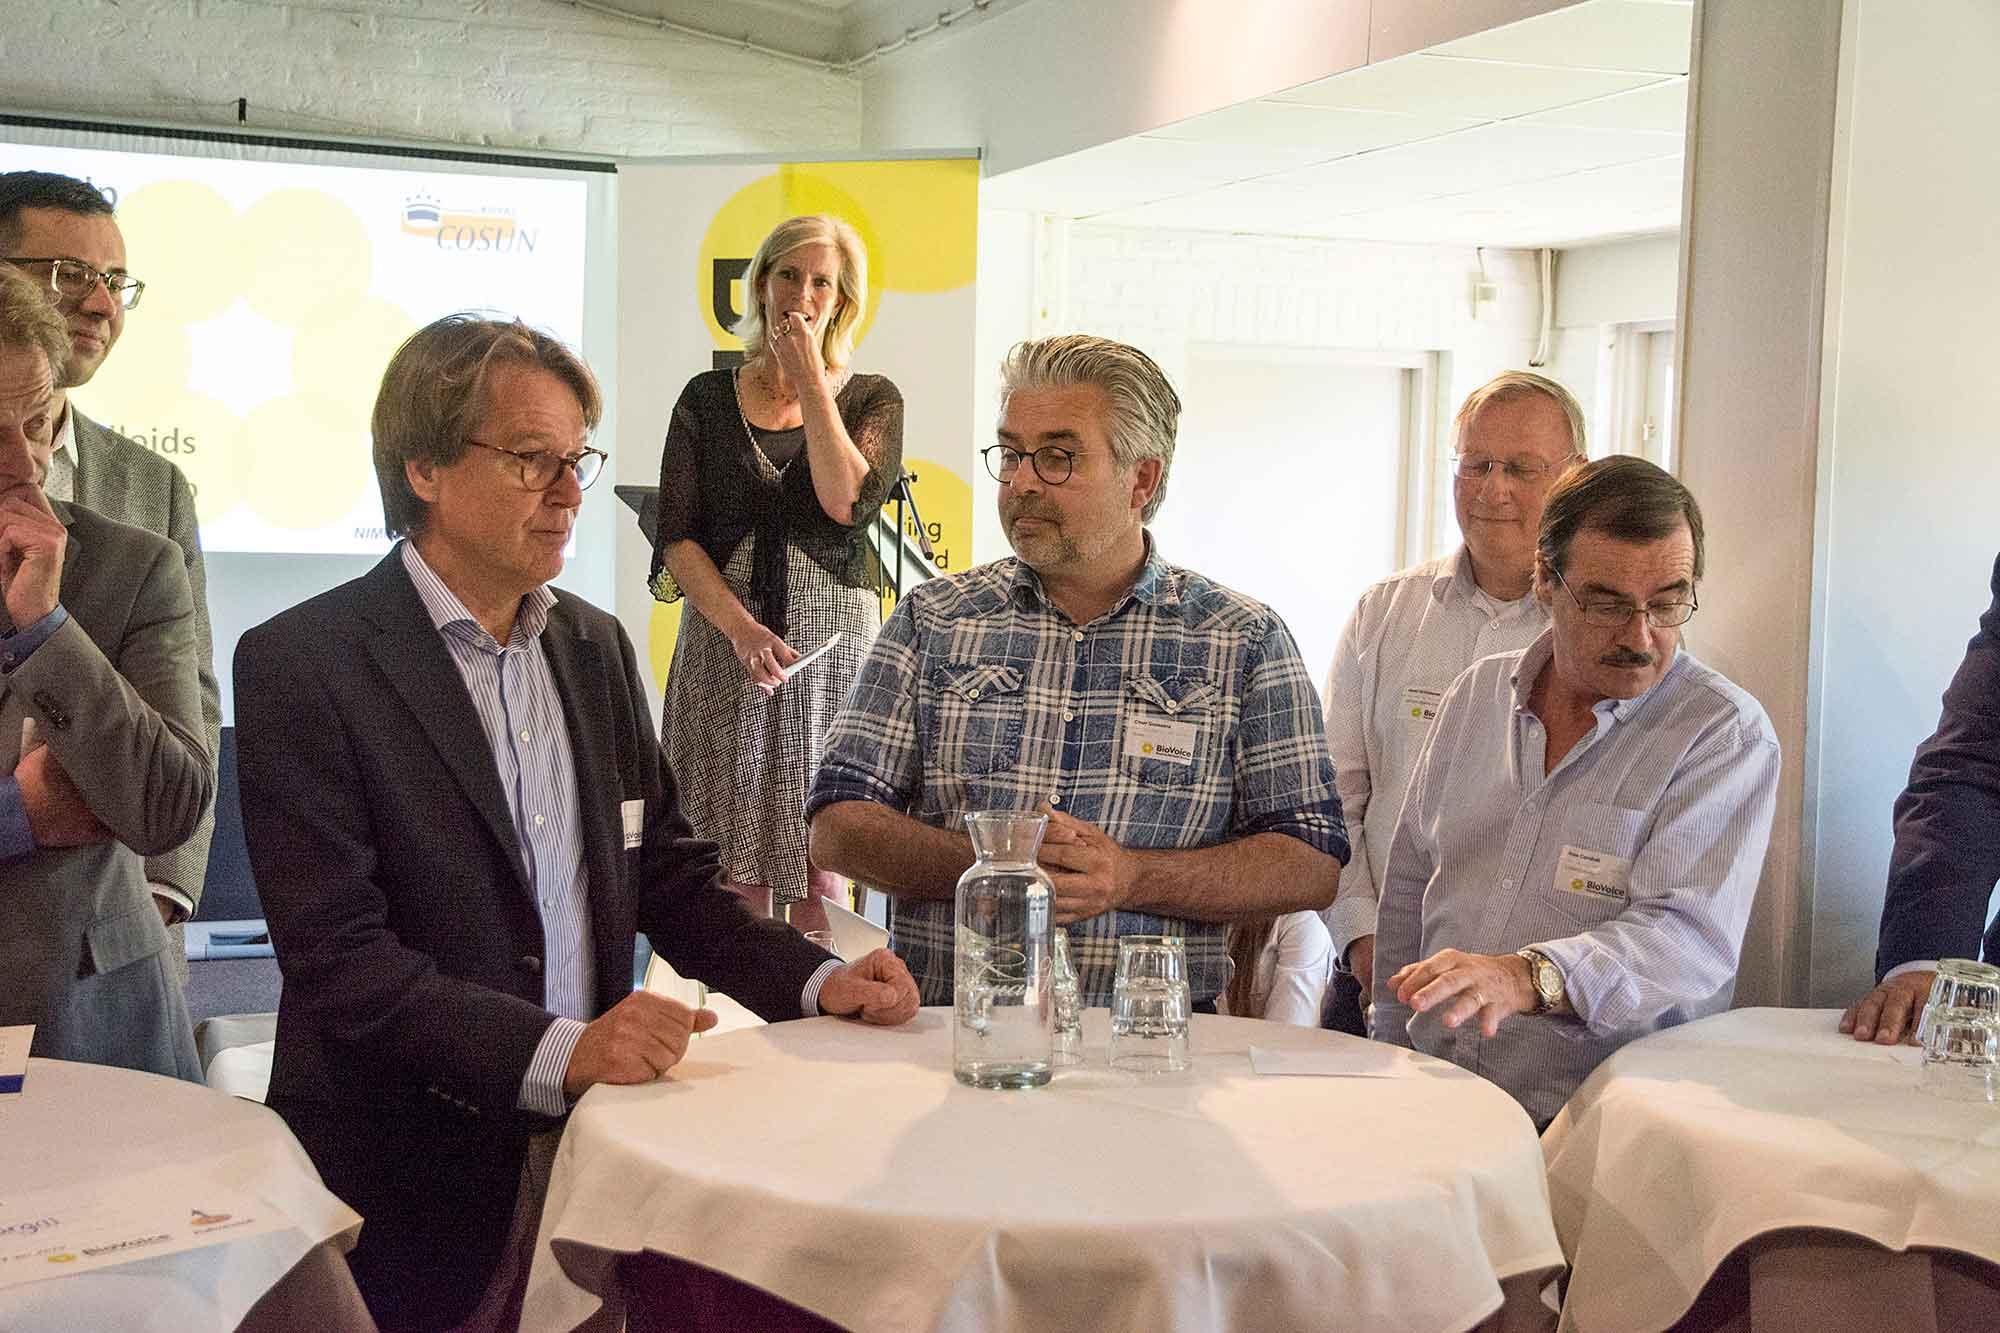 Ad de Laat and contractants